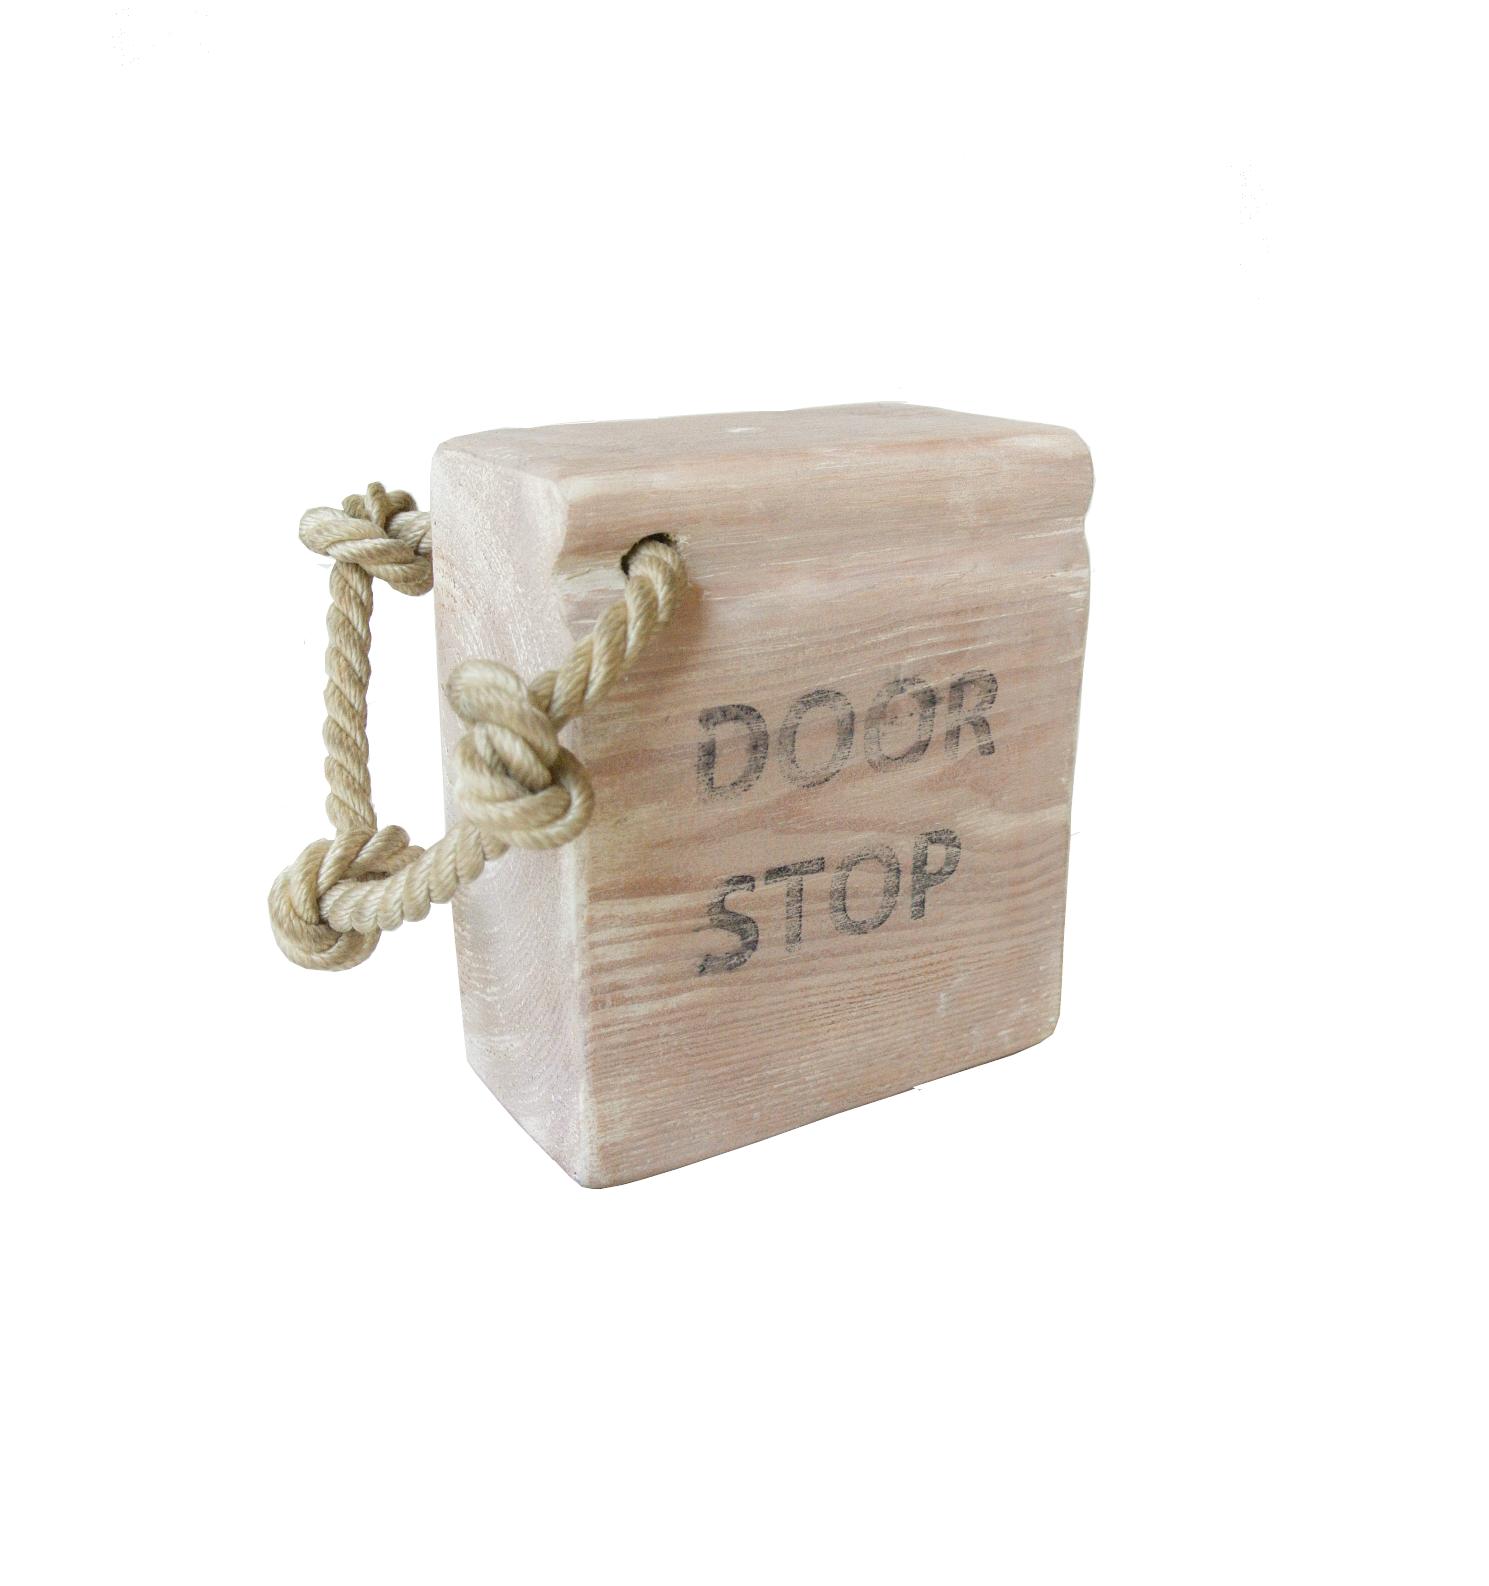 stoper do drzwi,drewniany stoper do drzwi,stoper DIY,drewno DIY,sznur DIY,drewniane DIY,jak zrobić stoper do drzwi,door stop